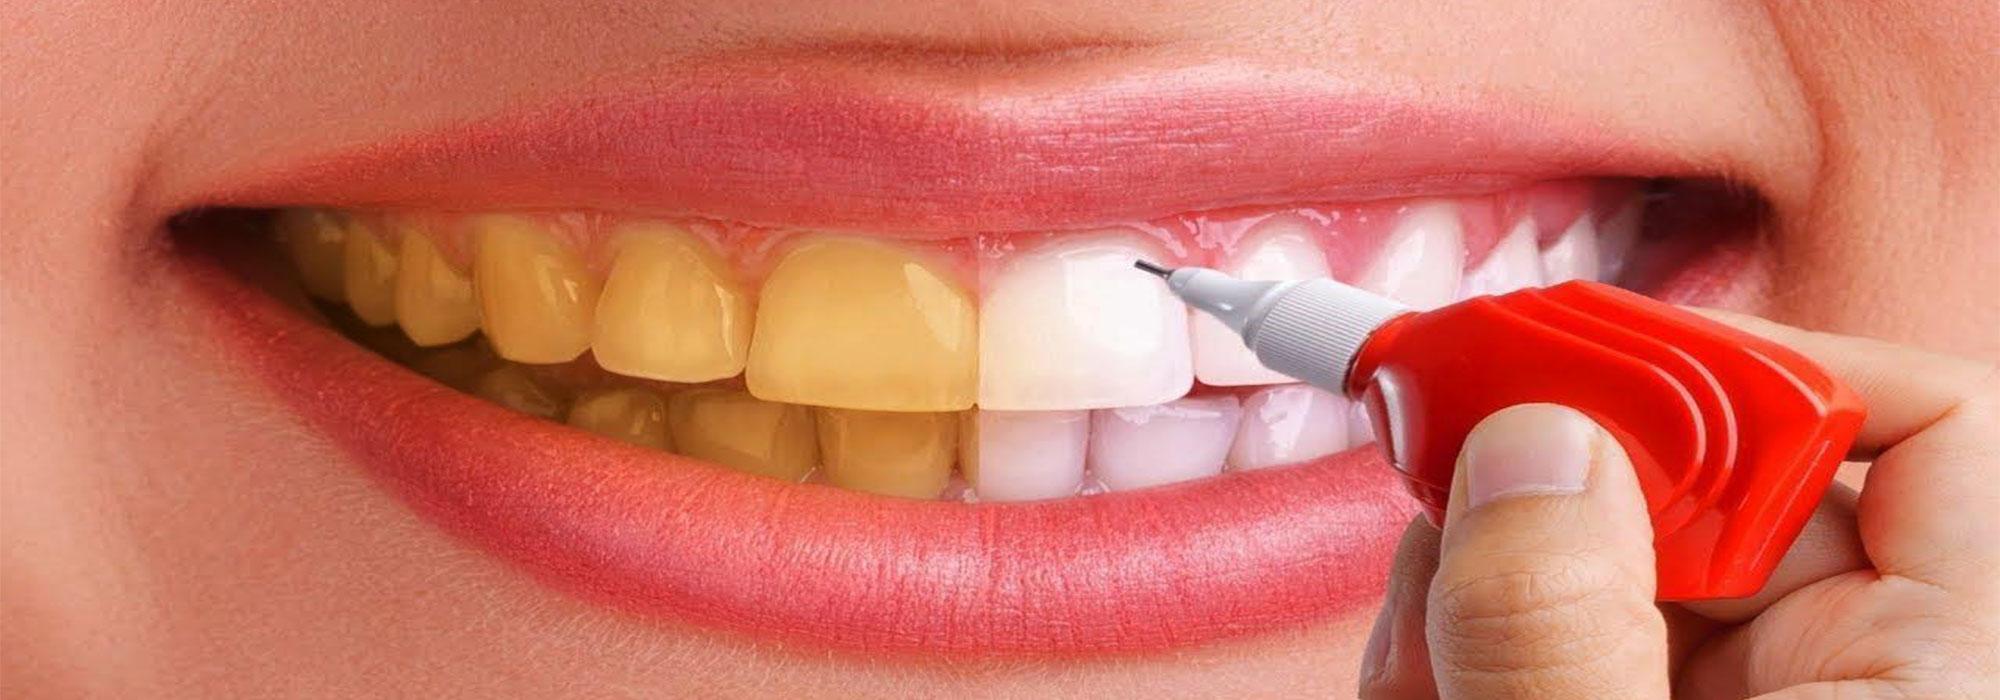 سفید کردن دندان با بلیچینگ